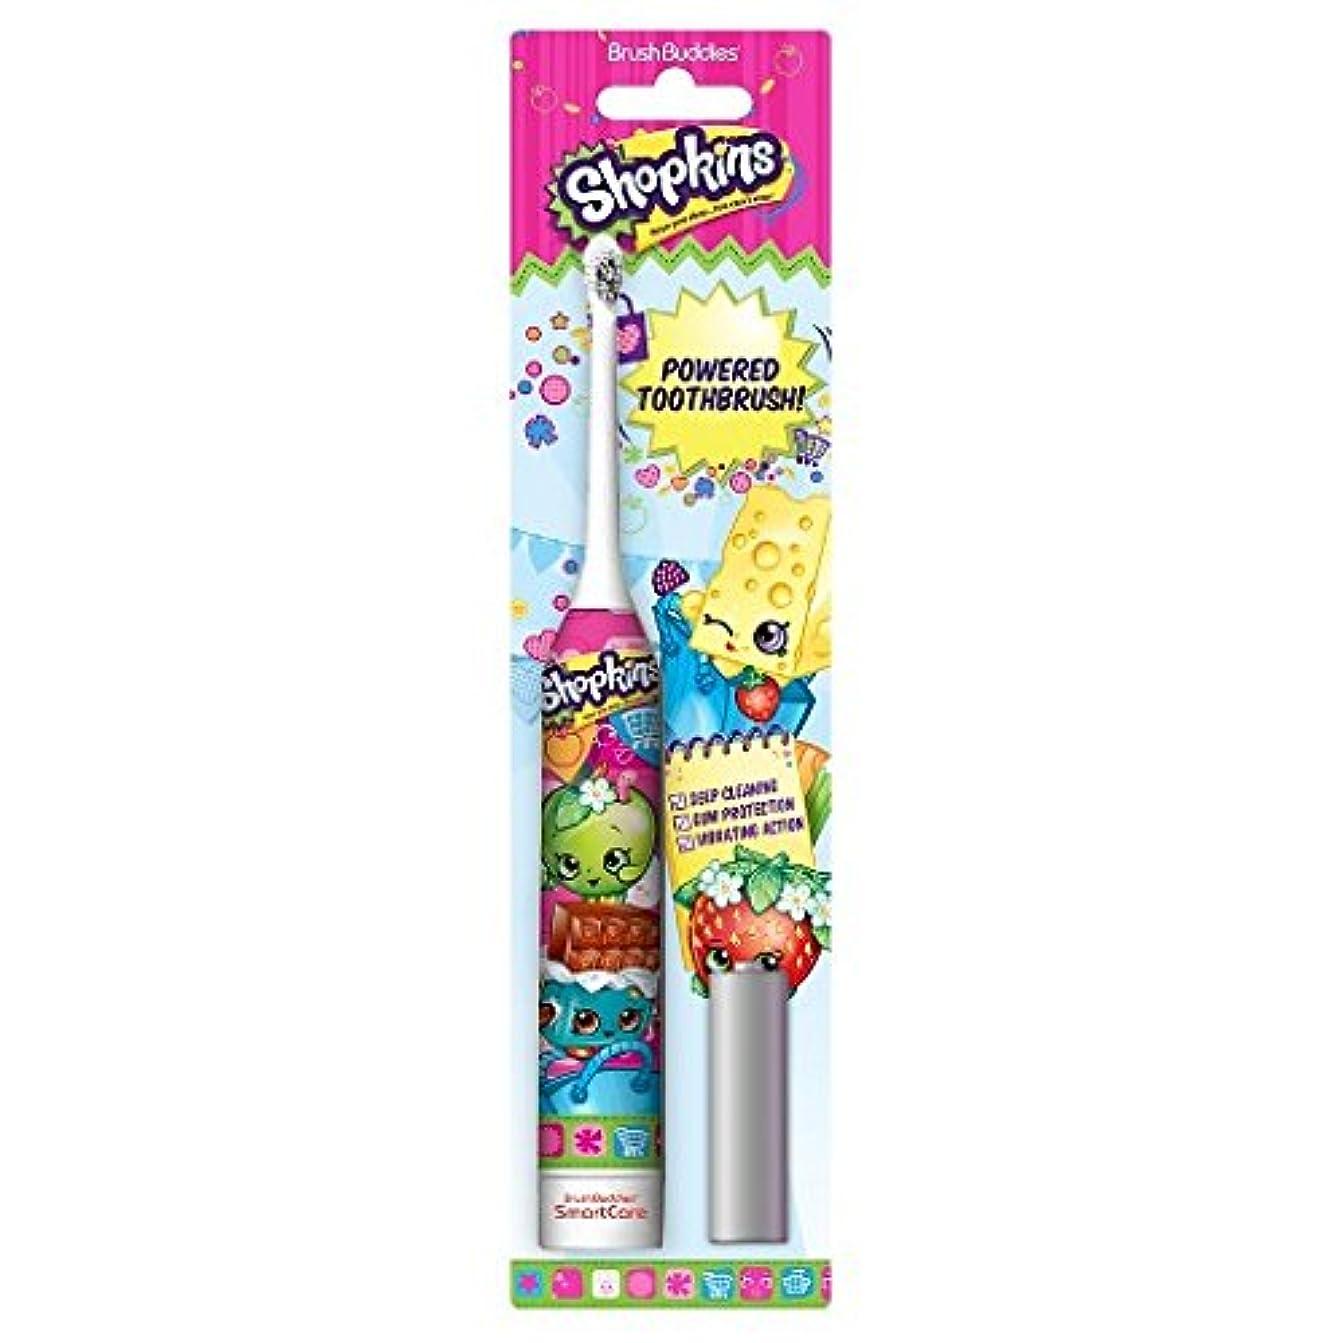 線平日不安定Brush Buddies Shopkins Sonic Powered Toothbrush ソニックパワード電動歯ブラシ [並行輸入品]